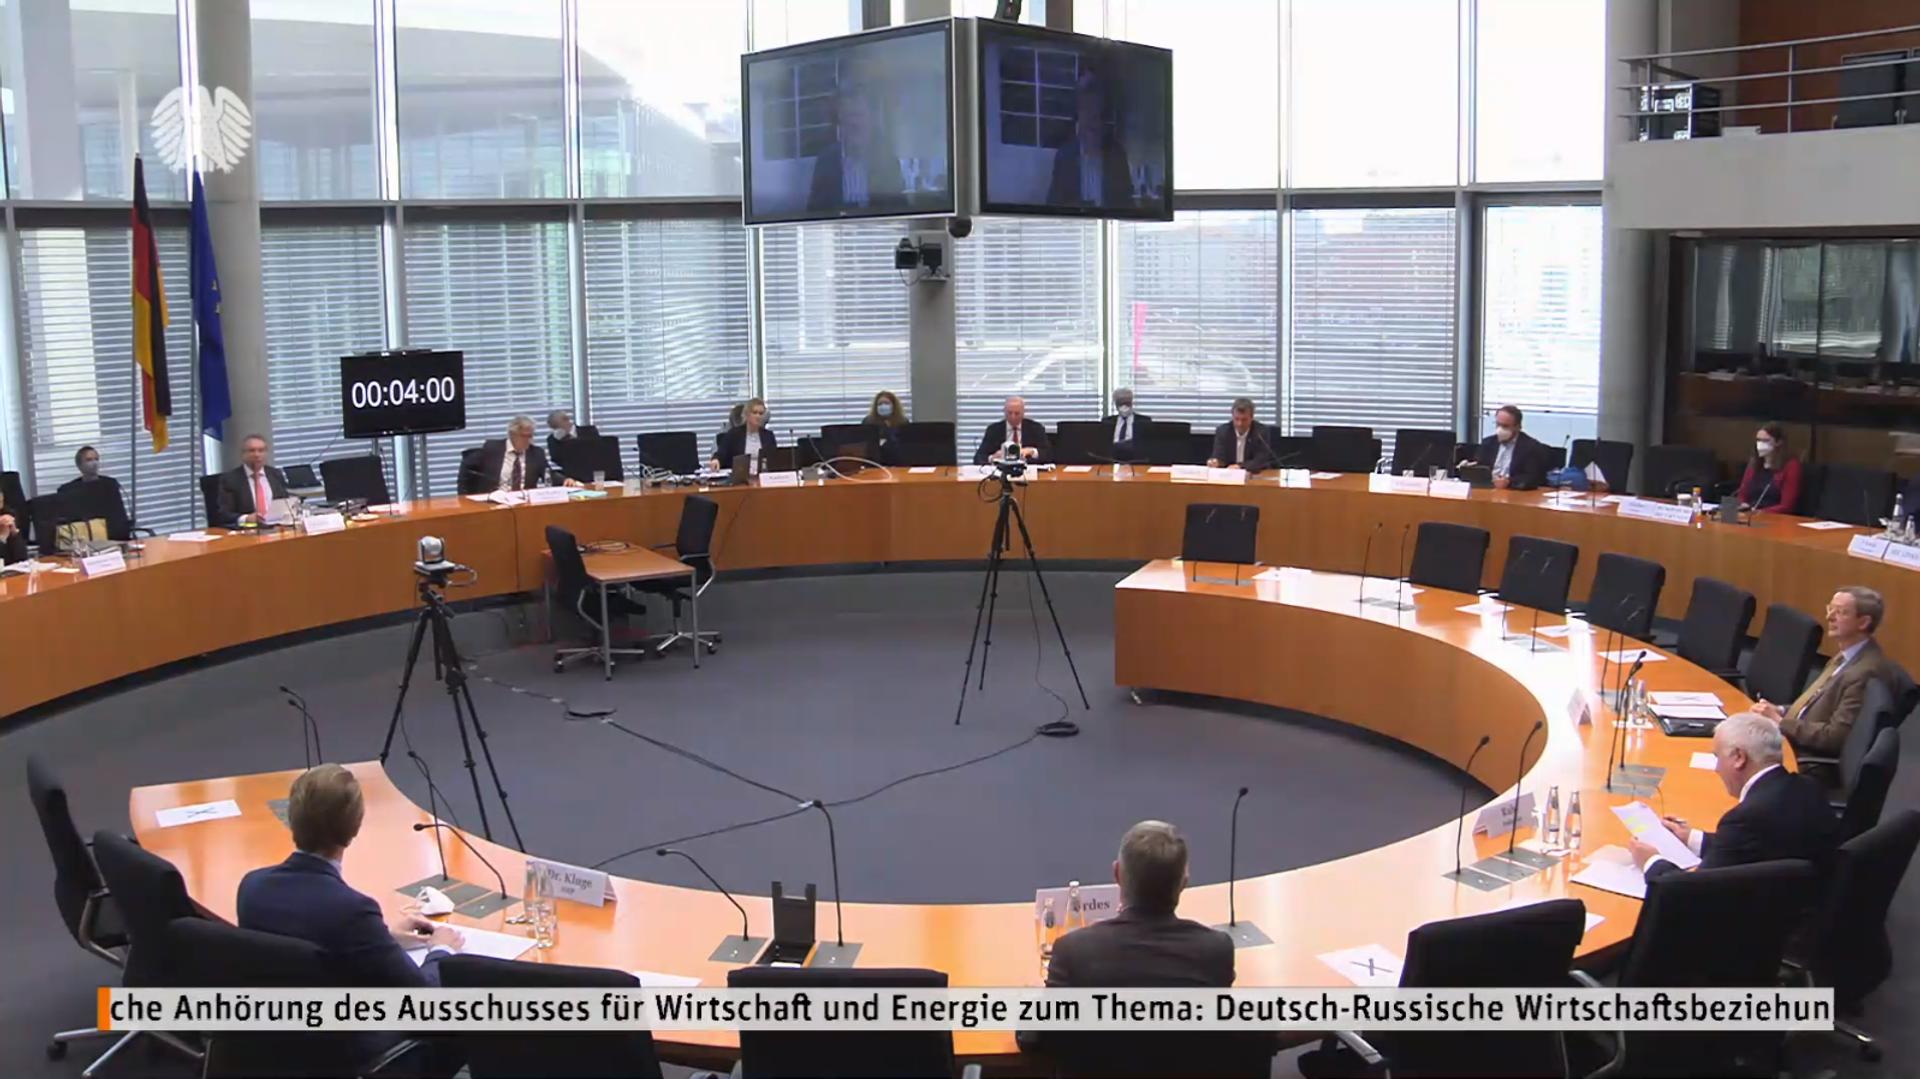 """Anhörung """"Entwicklung der Deutsch-Russischen Wirtschaftsbeziehungen"""" im Bundestag, den 24. Februar 2021 - SNA, 1920, 24.02.2021"""